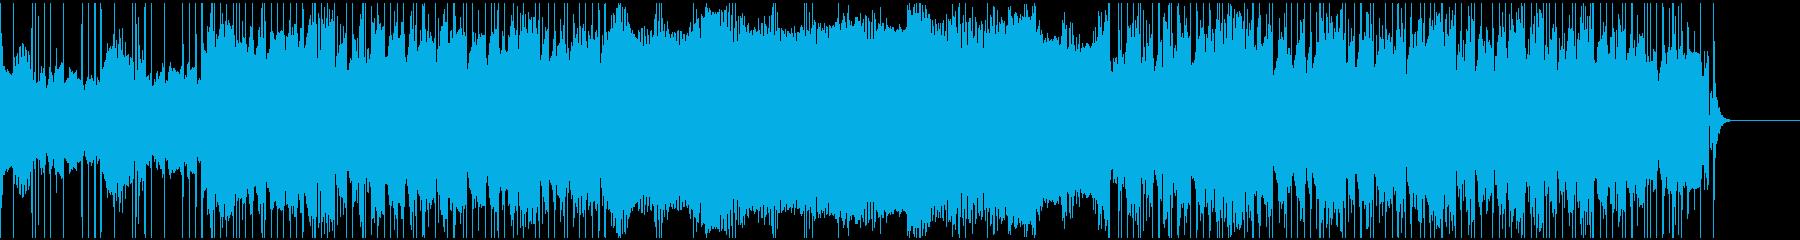 エスニックサウンドのパーカッション...の再生済みの波形